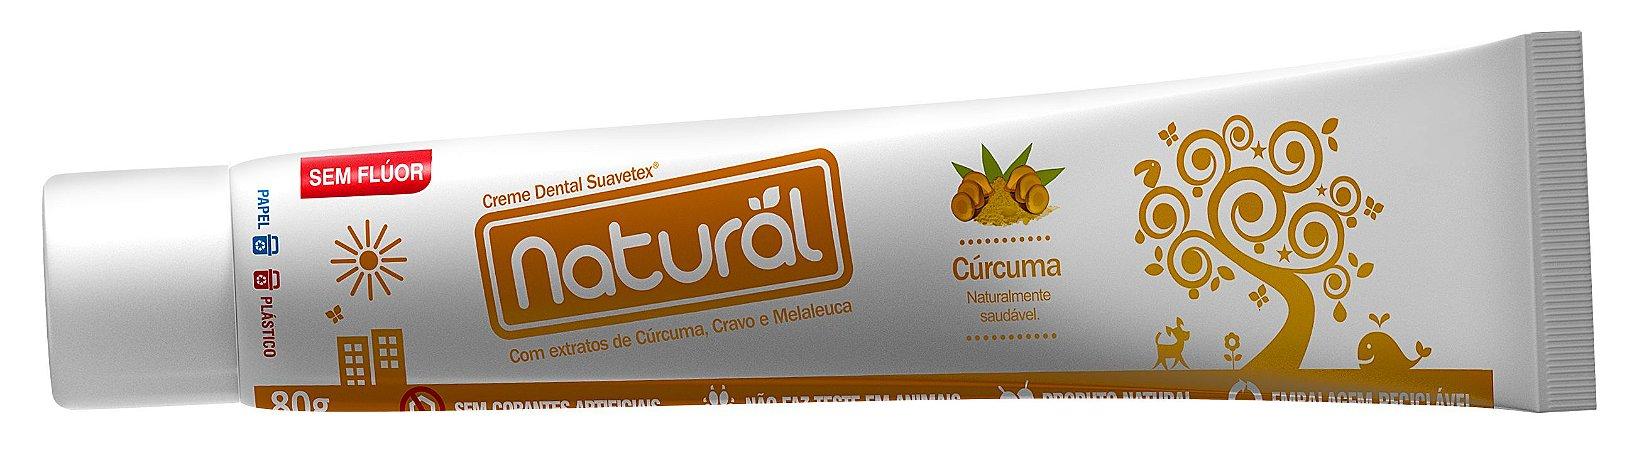 Creme Dental Extratos de Cúrcuma, Cravo e Melaleuca 80g - Natural